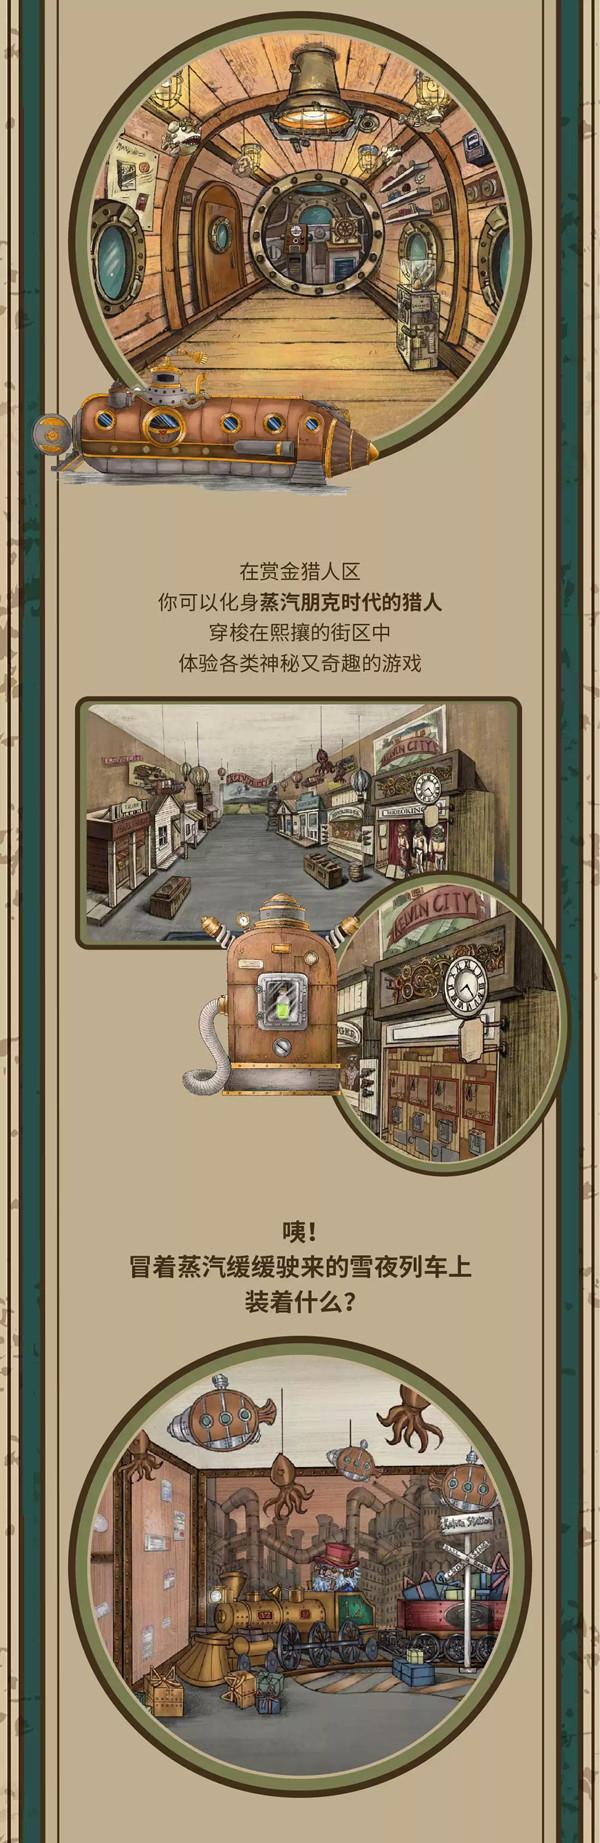 2020「消失的小镇」首个沉浸式蒸汽朋克主题馆-上海站